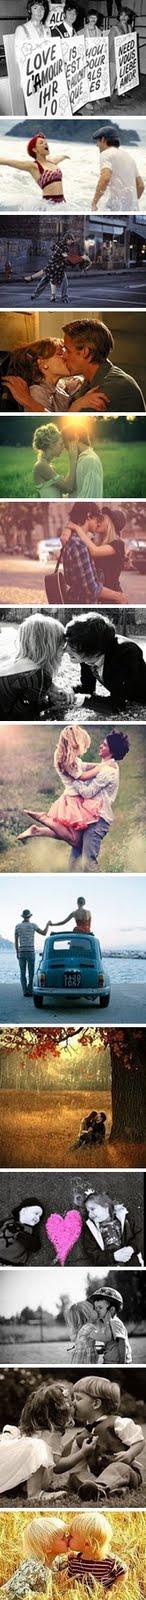 Todo lo que necesitas es amor.